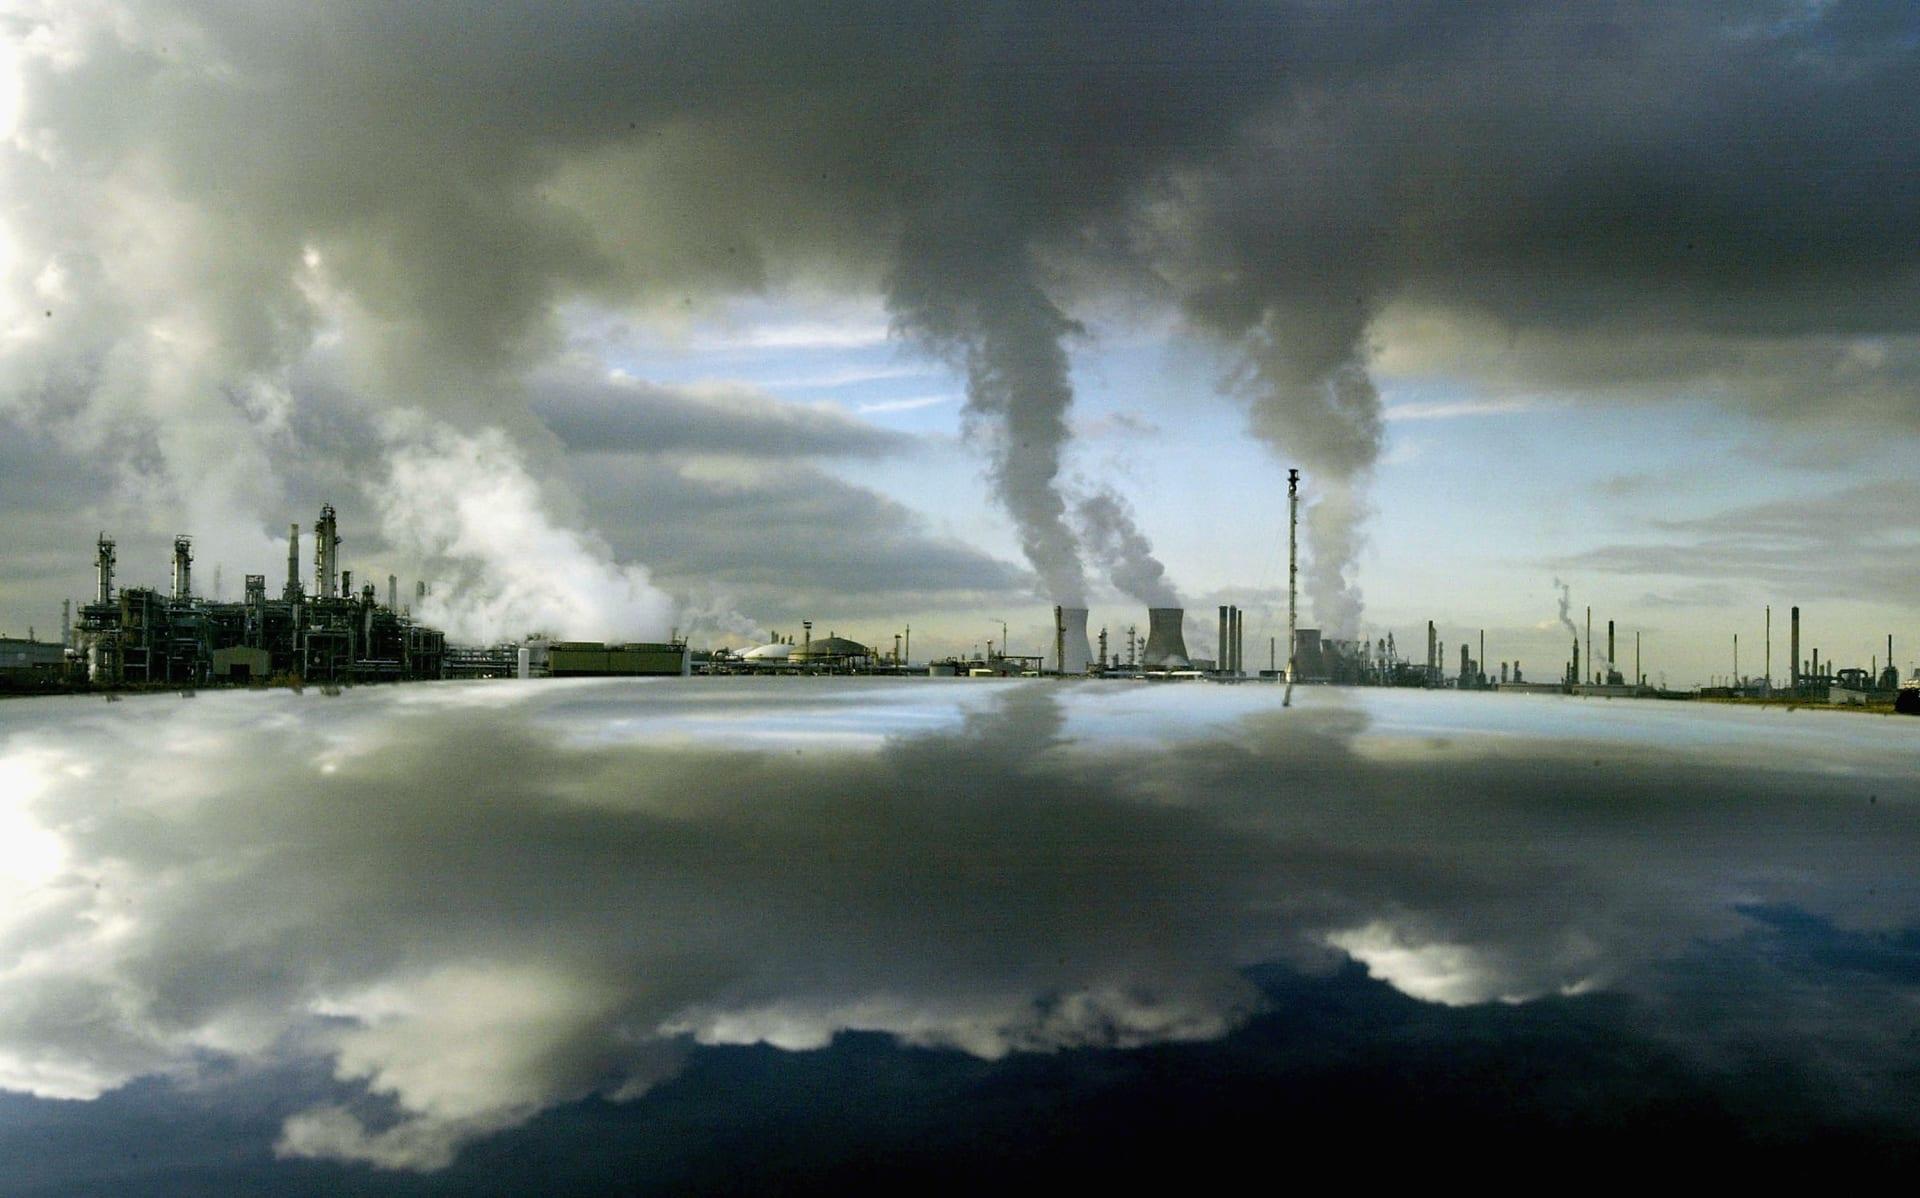 آيرينا: العالم يحتاج 131 ترليون دولار لتحقيق أهداف المناخ بحلول عام 2050